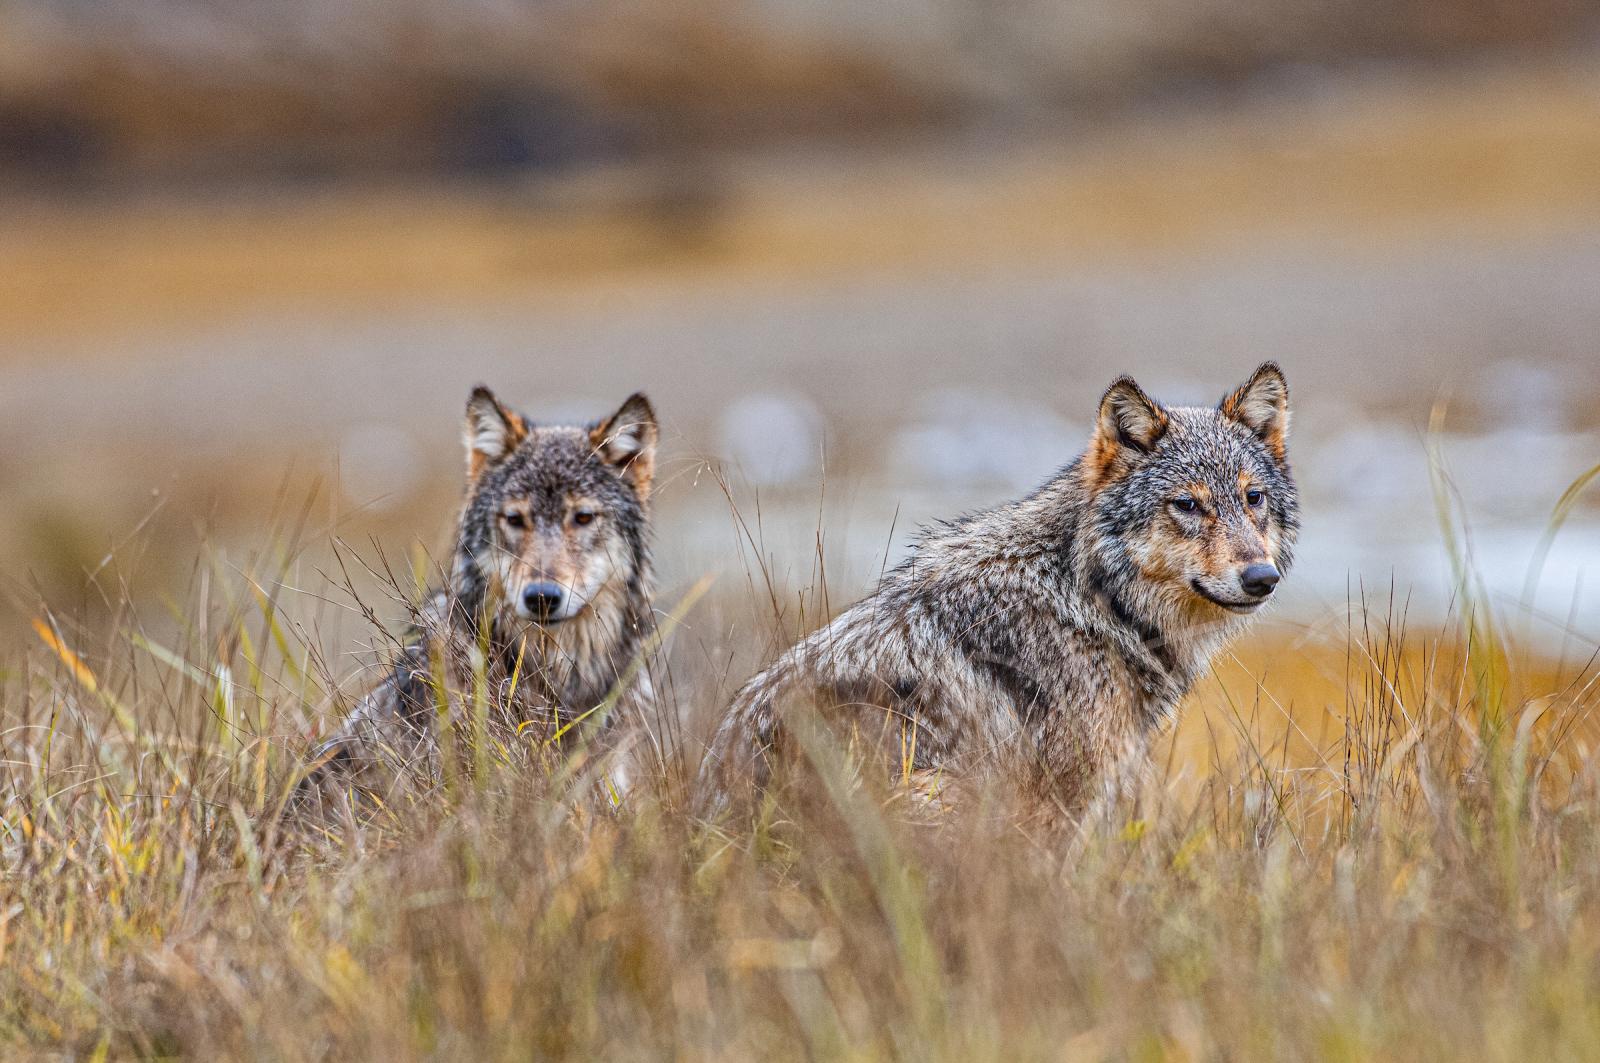 Dua serigala duduk di rerumputan tinggi.